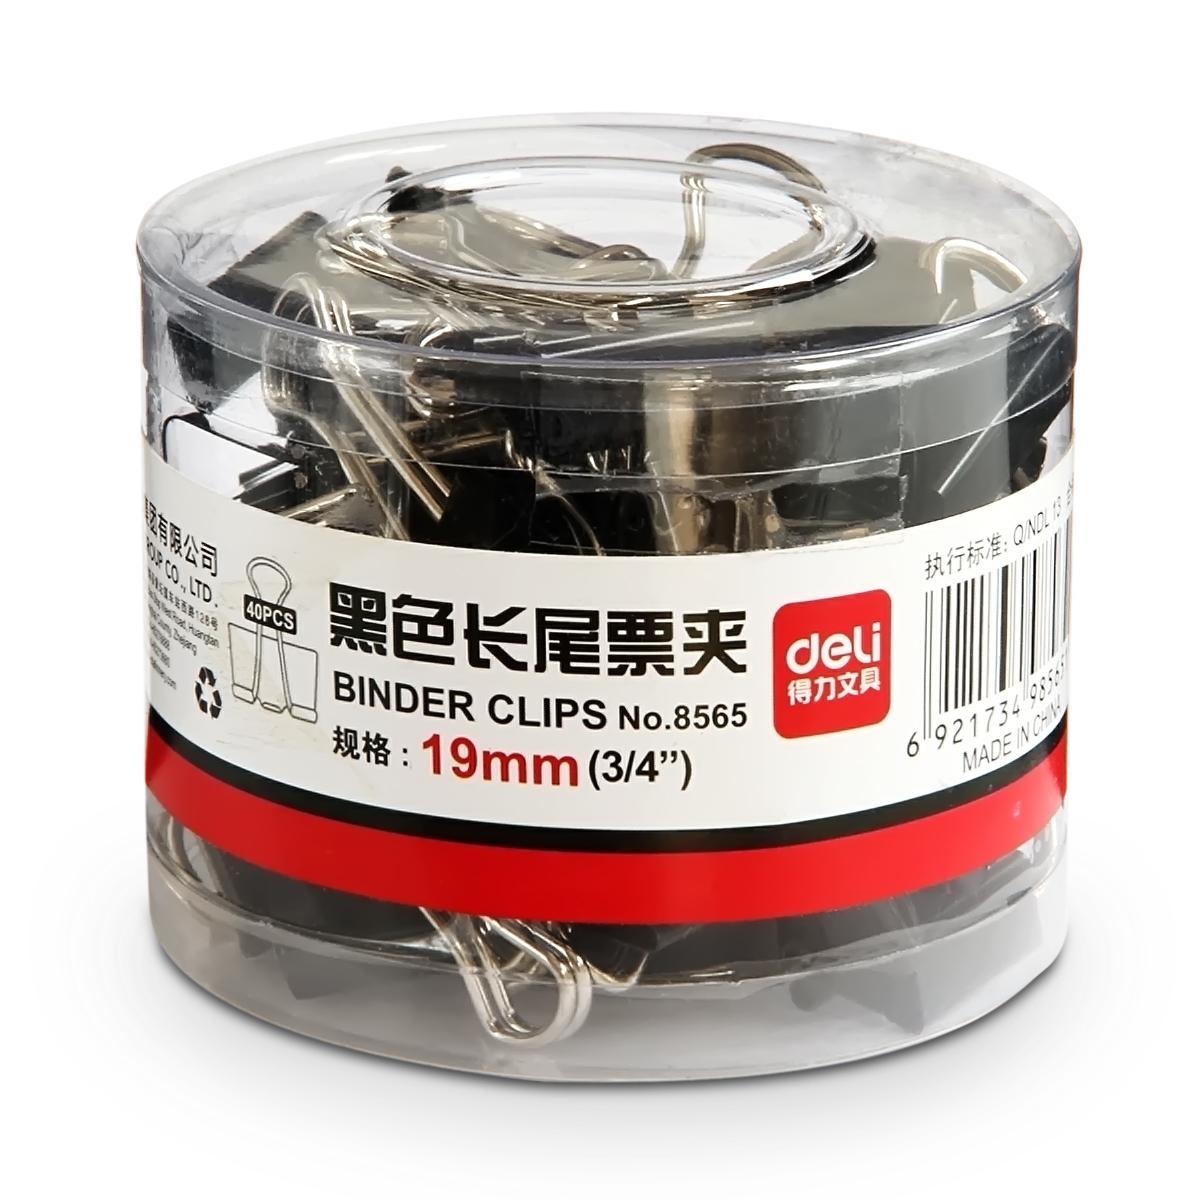 得力(deli)8565 19mm黑色长尾夹/票据夹/燕尾夹/铁夹子 40只/筒